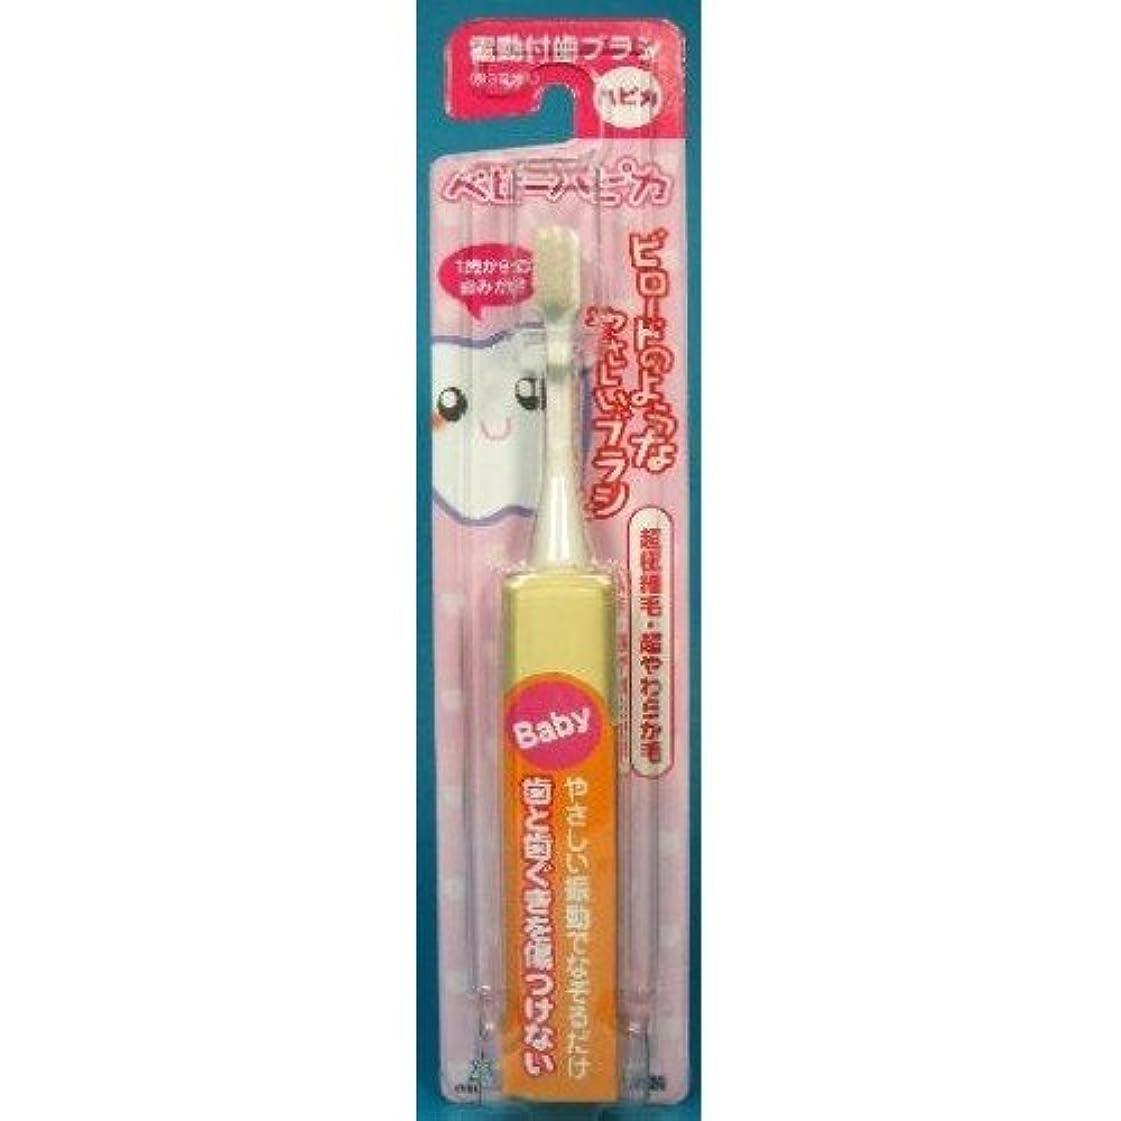 歩行者唯一パートナーミニマム 電動付歯ブラシ ベビーハピカ イエロー 毛の硬さ:超やわらかめ DBB-1Y(BP)